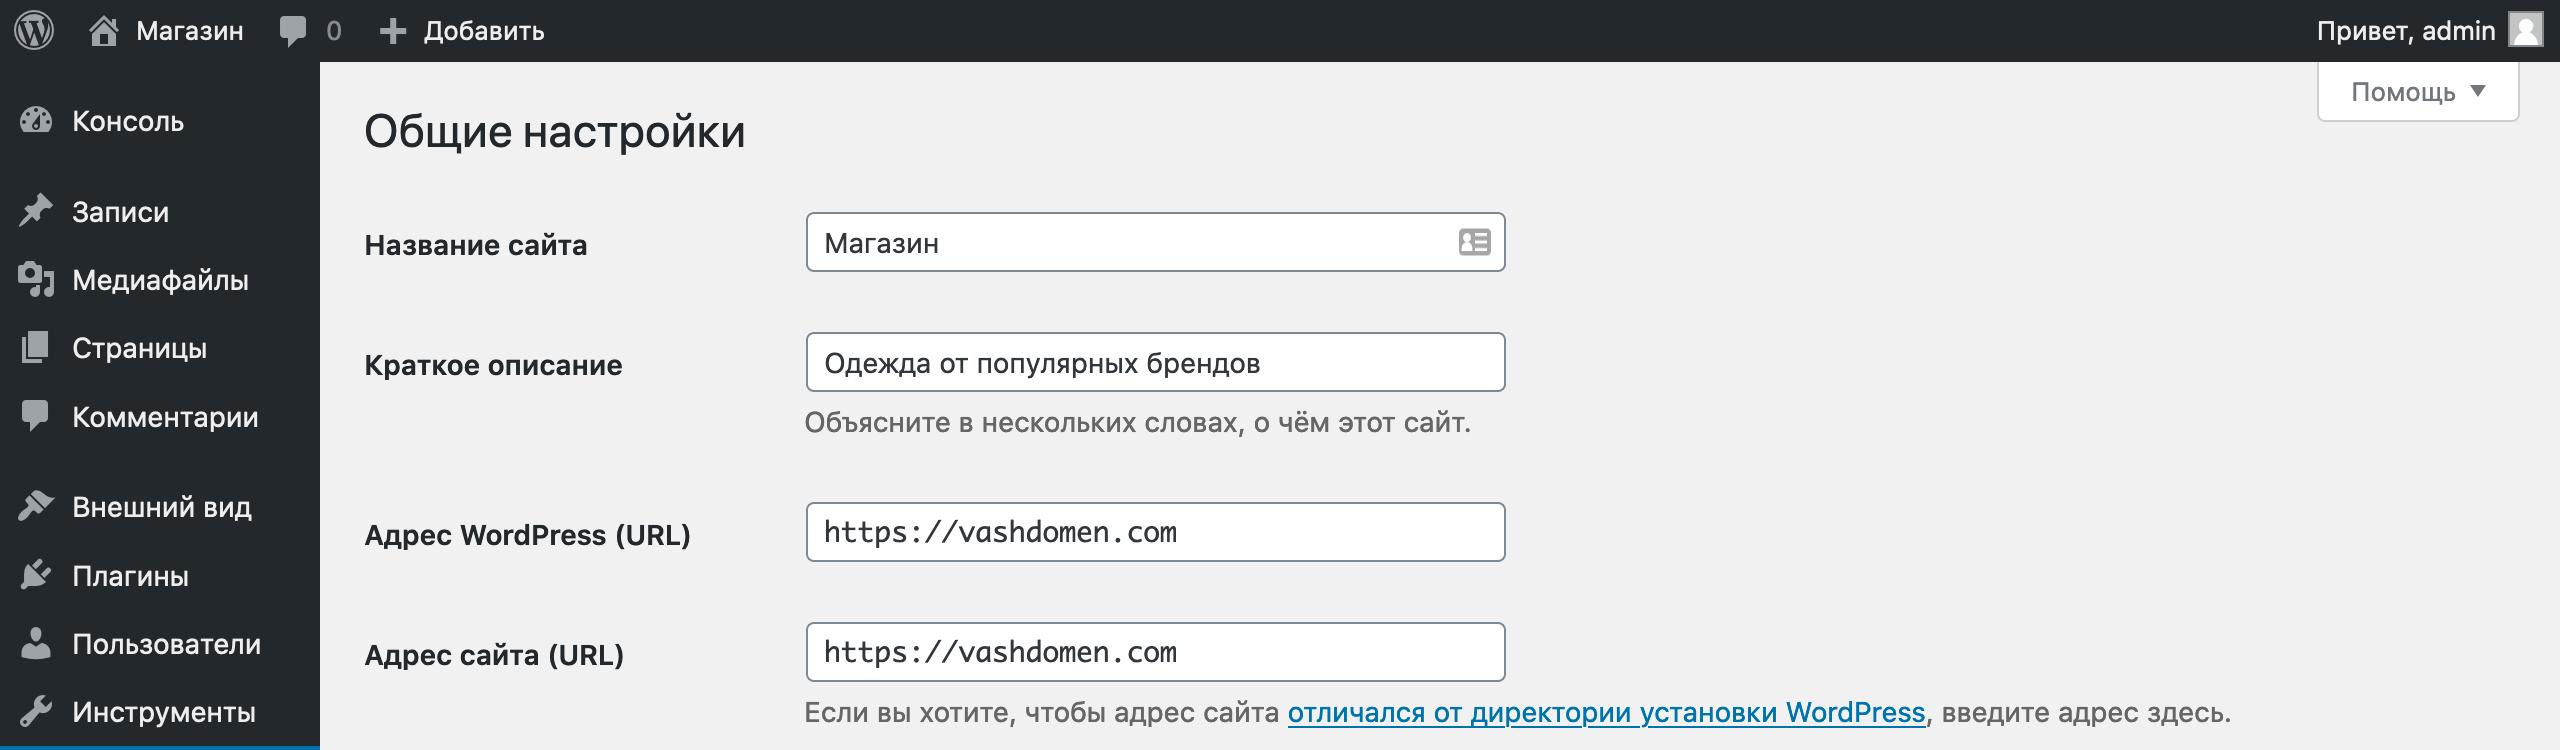 Простой интернет-магазин на WordPress: строки с названием и описанием сайта в настройках